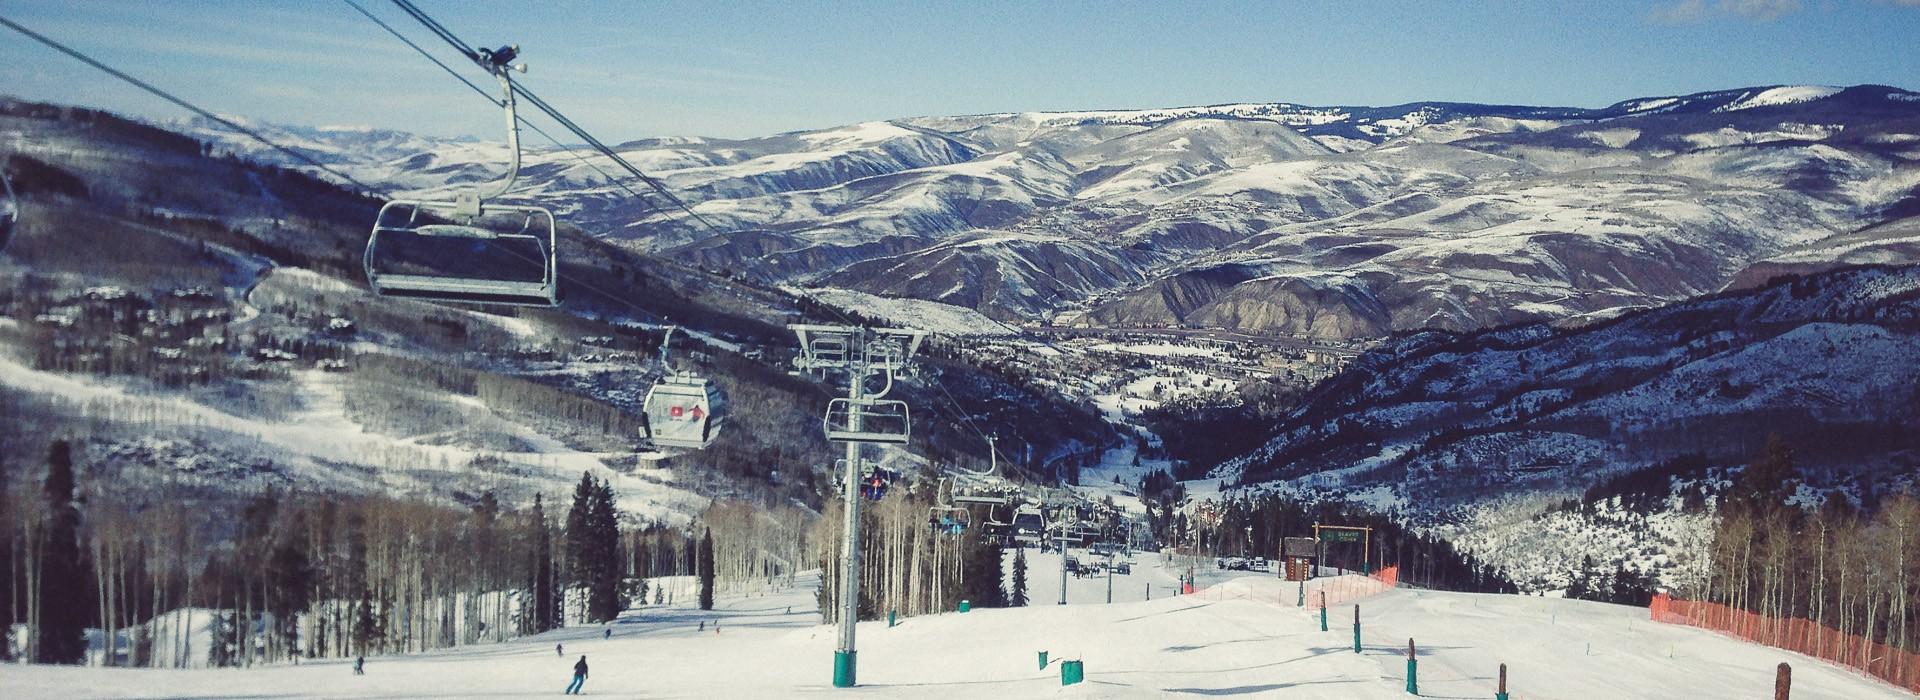 HRT - Svjetsko skijaško prvenstvo